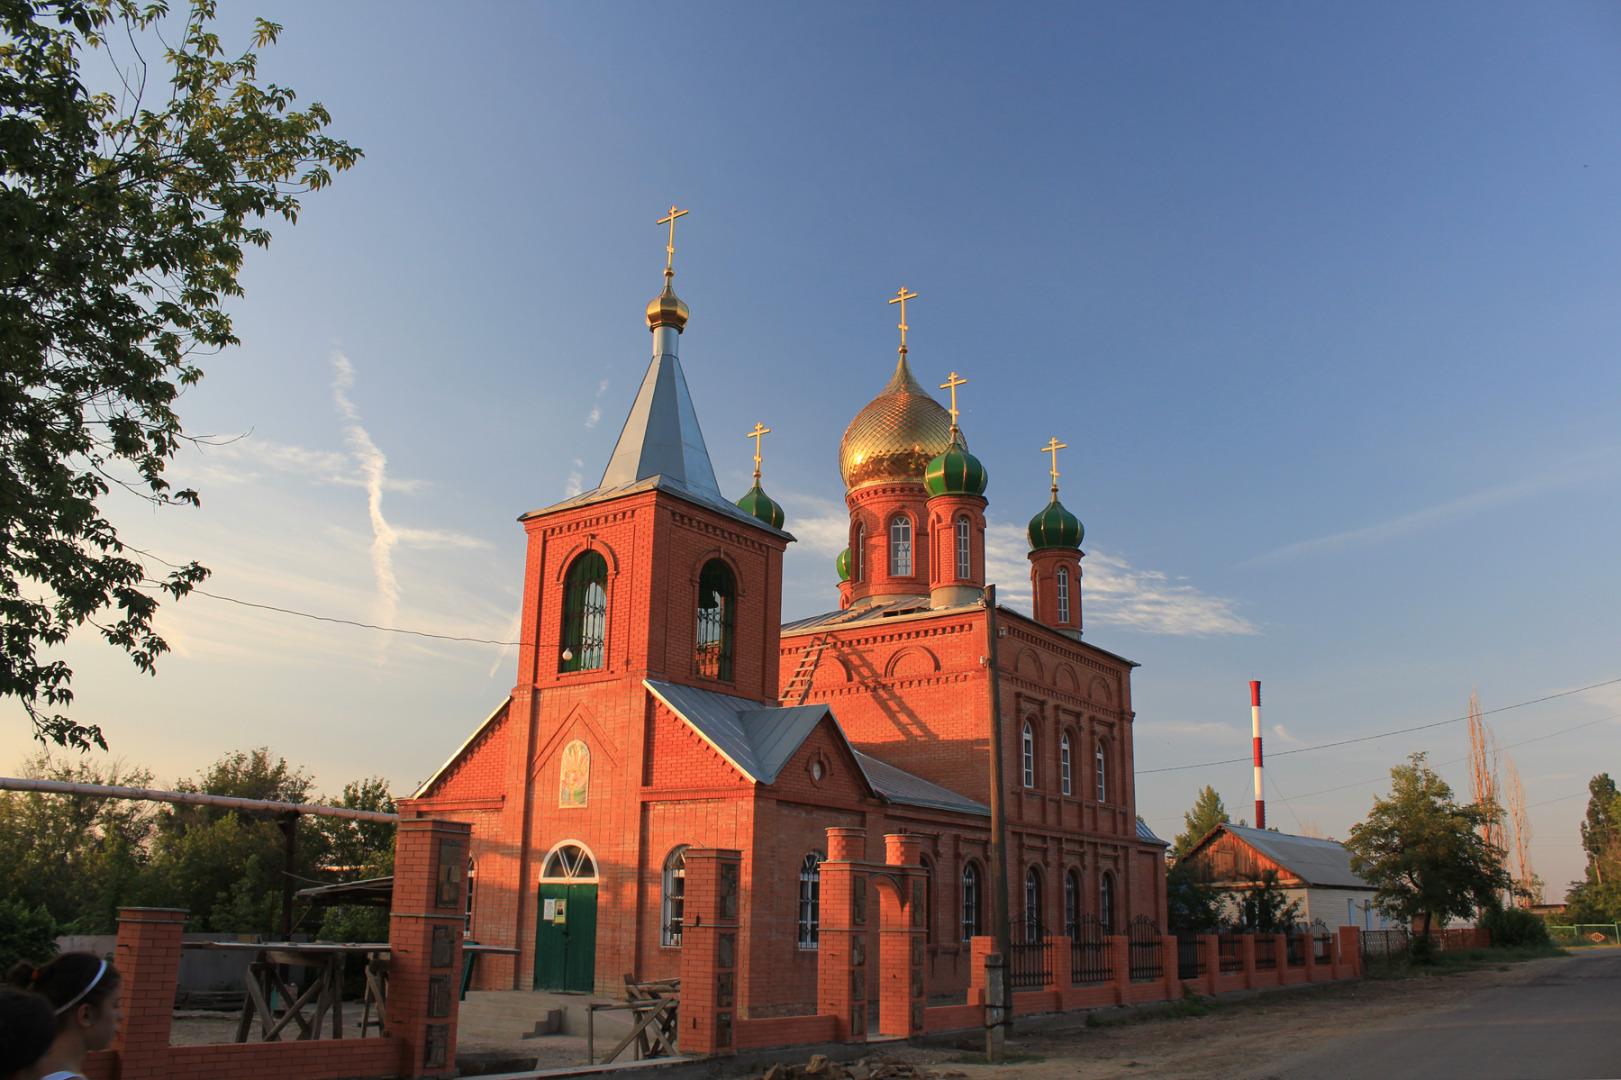 Церковь Троицы Живоначальной, Каменск-Шахтинский